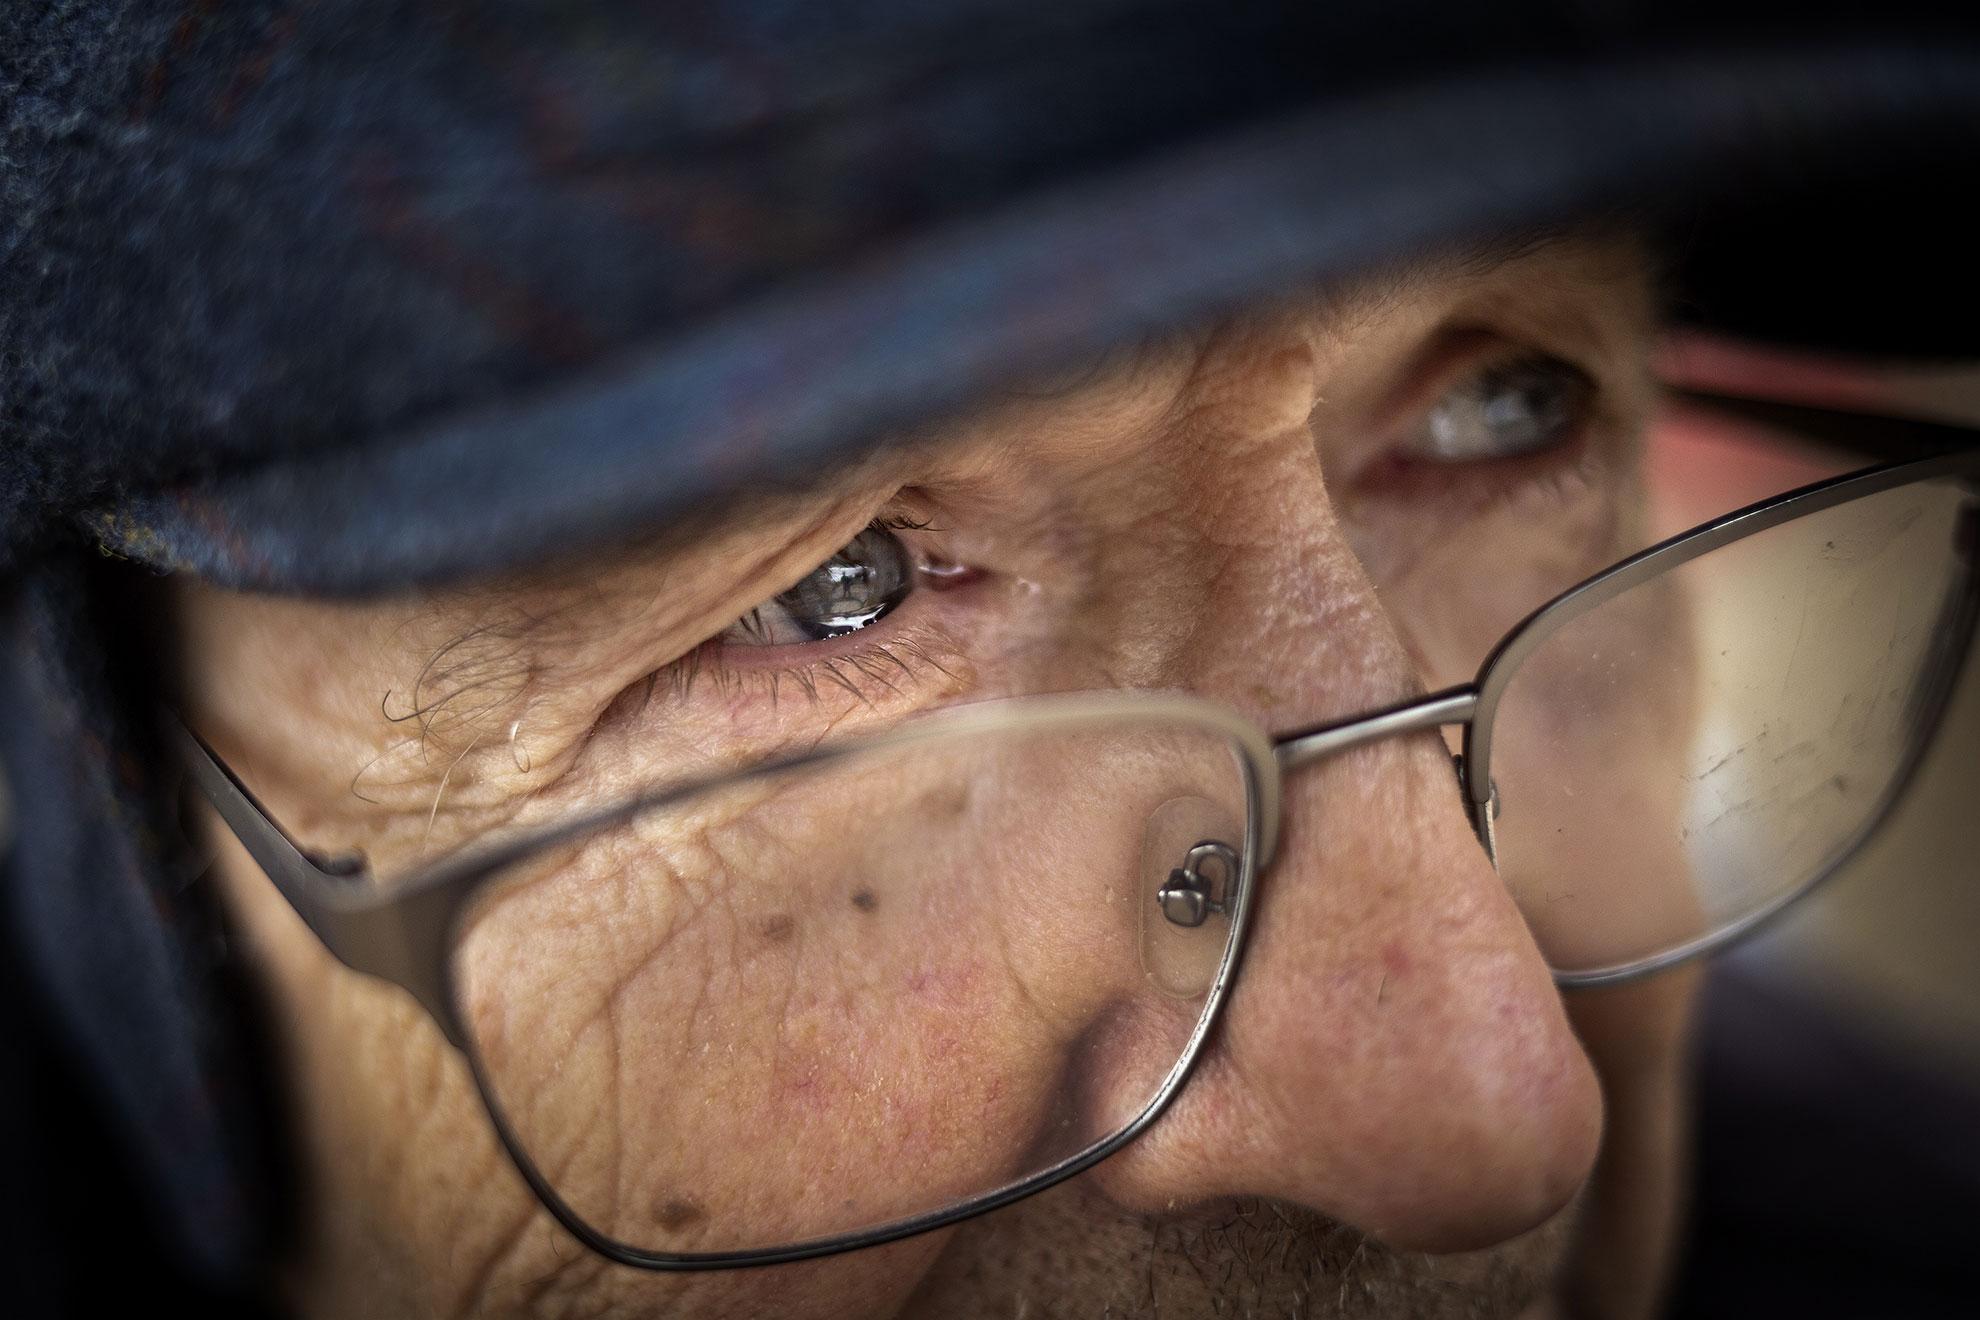 Una de las mayores preocupaciones y objetivos en la crisis del COVID19 es proteger a nuestros mayores. José, de 84 años, hace ya más de 15 días que dejó de ir al centro de mayores al que acudía cada día. Su familia lo decidió para protegerlo de un posible contagio. Hoy José está preocupado por la situación. Consciente de todo lo que está sucediendo, escucha atentamente y sin poder evitar emocionarse, las indicaciones que le da su hijo para prevenir la pandemia y todas las duras consecuencias de como está afectando esta crisis a su pequeña empresa de turismo en la Sierra de Sevilla.